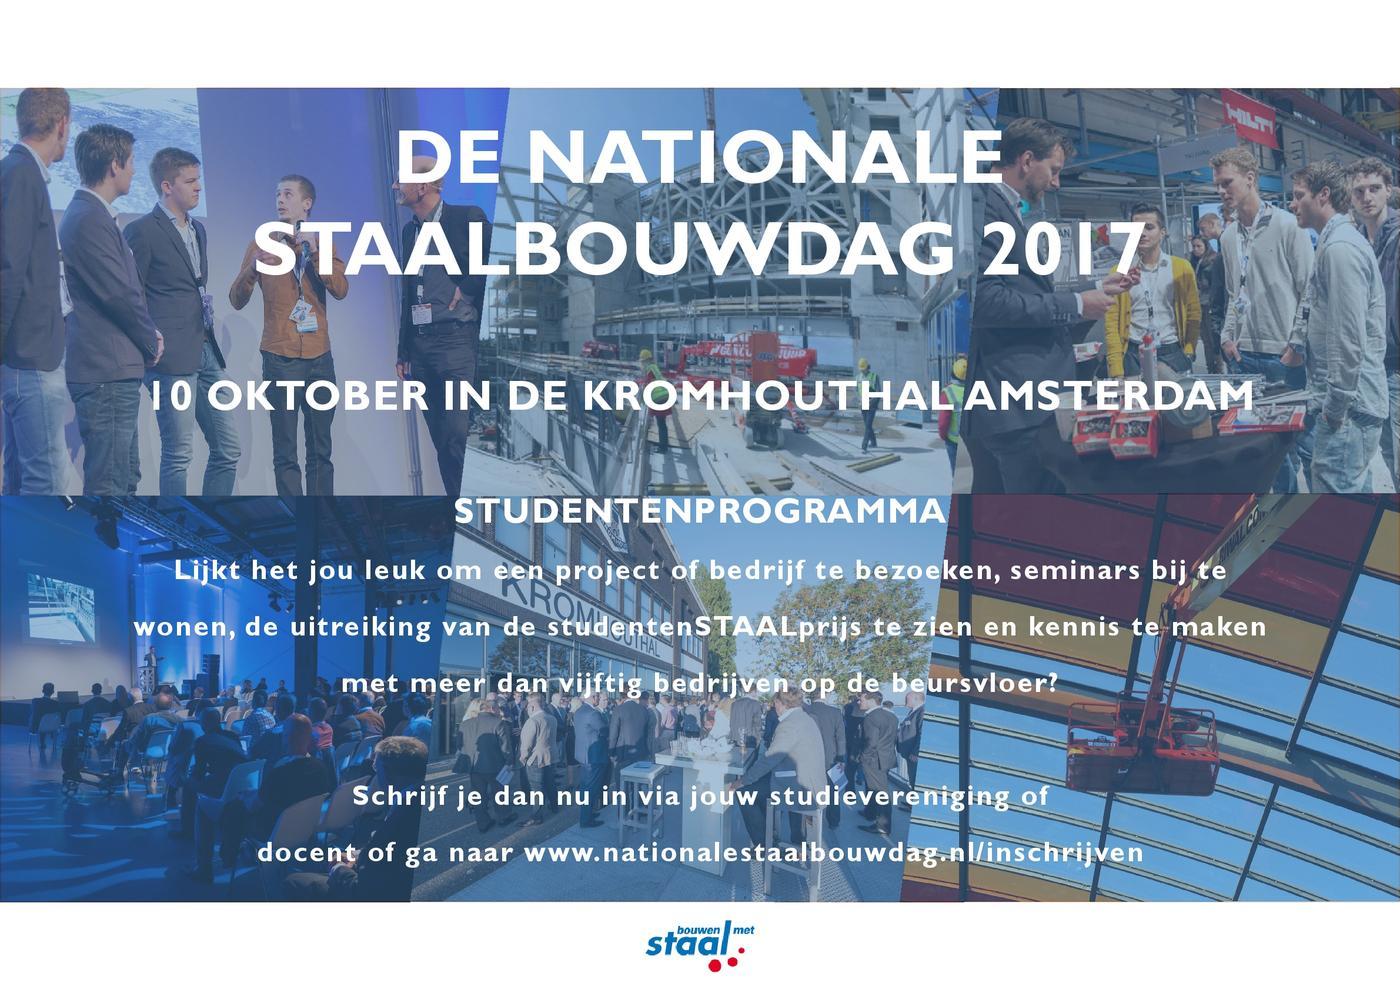 Nationale Staalbouwdag